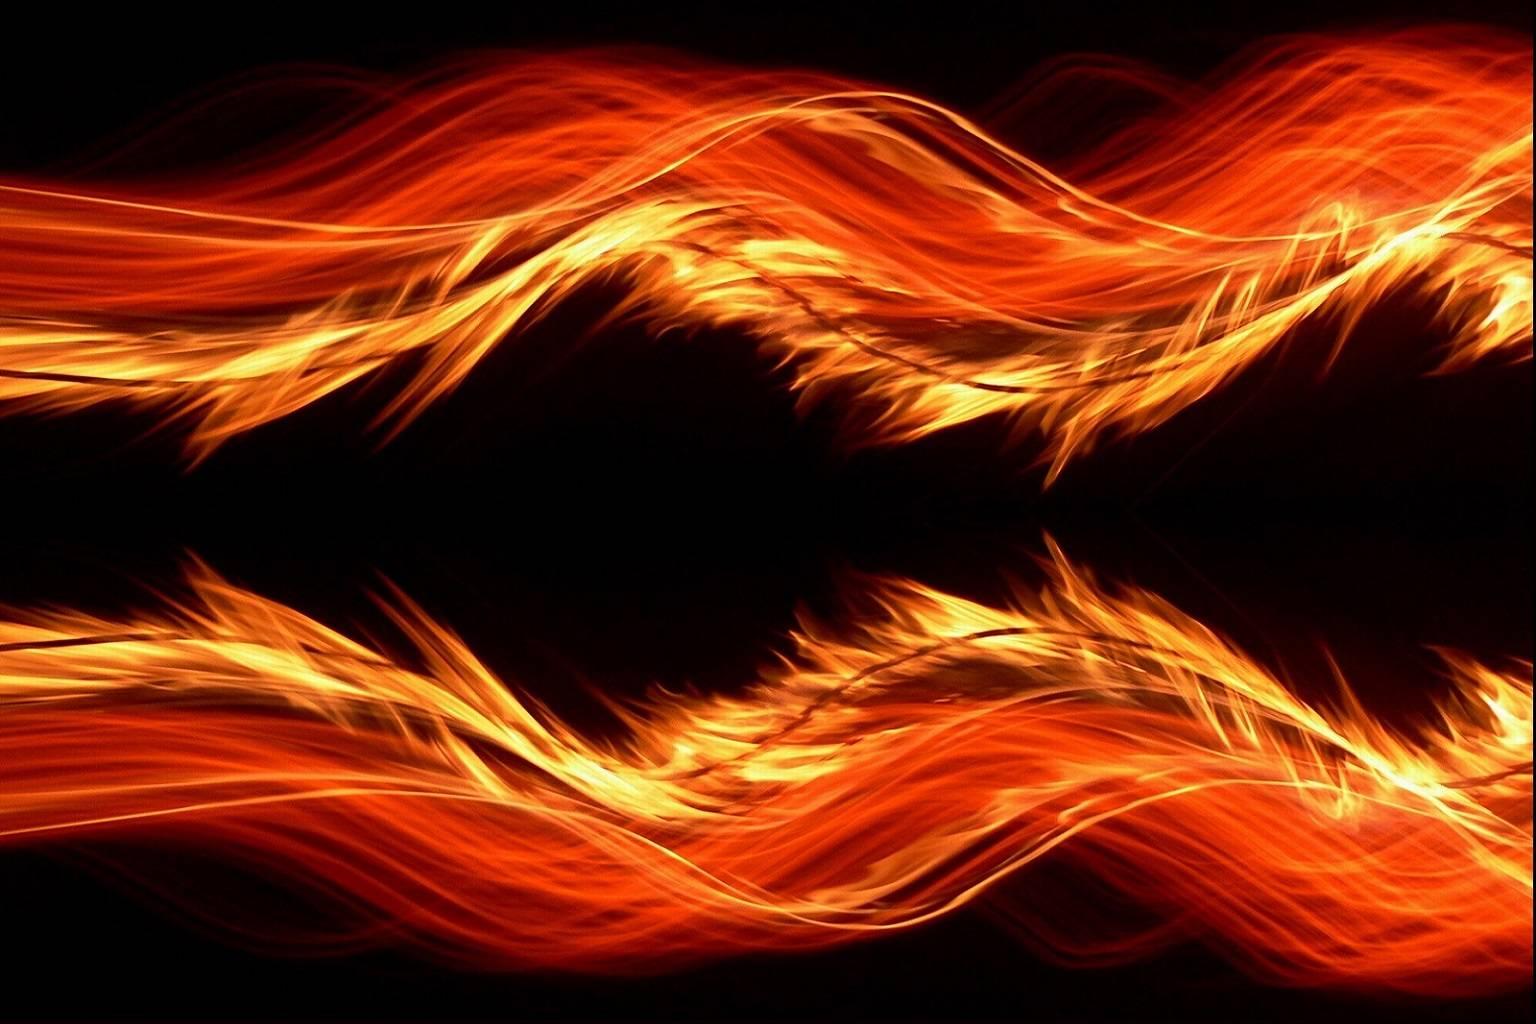 Firey double